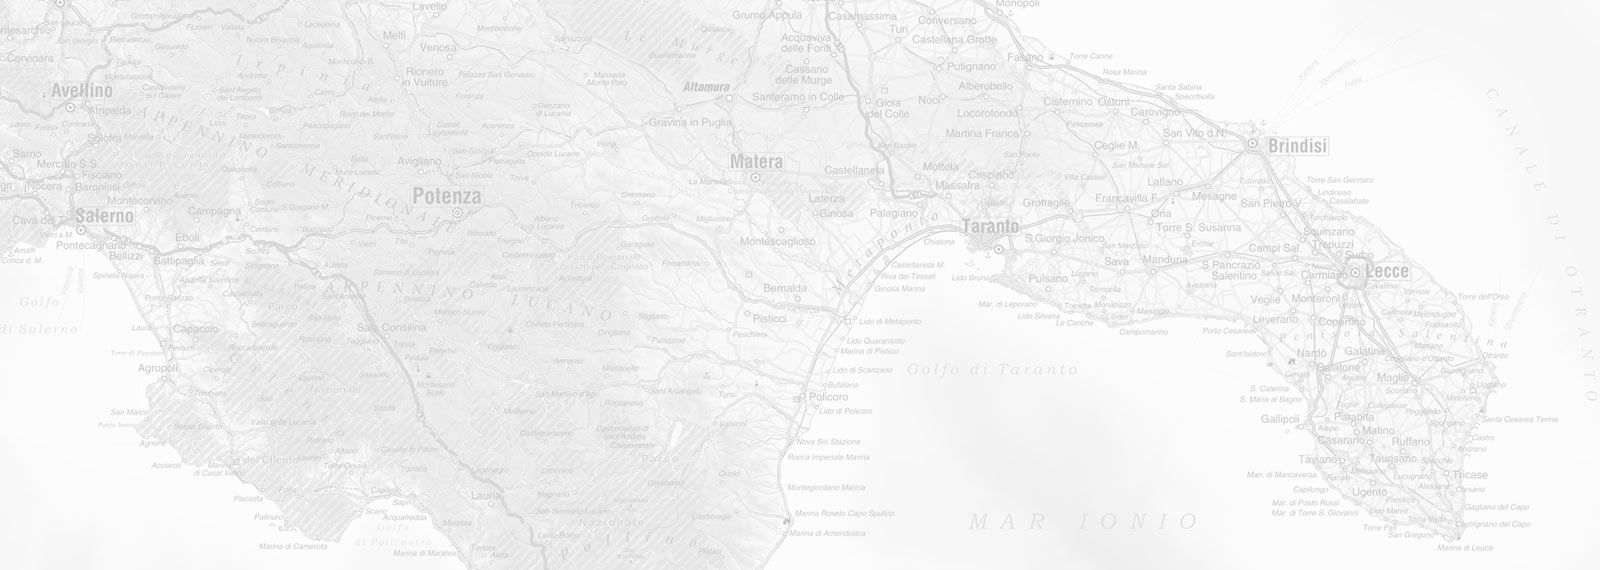 Lavello Potenza Cartina Geografica.Cartina Stradale Dell Italia Per La Stampa Formato Poster Edimap